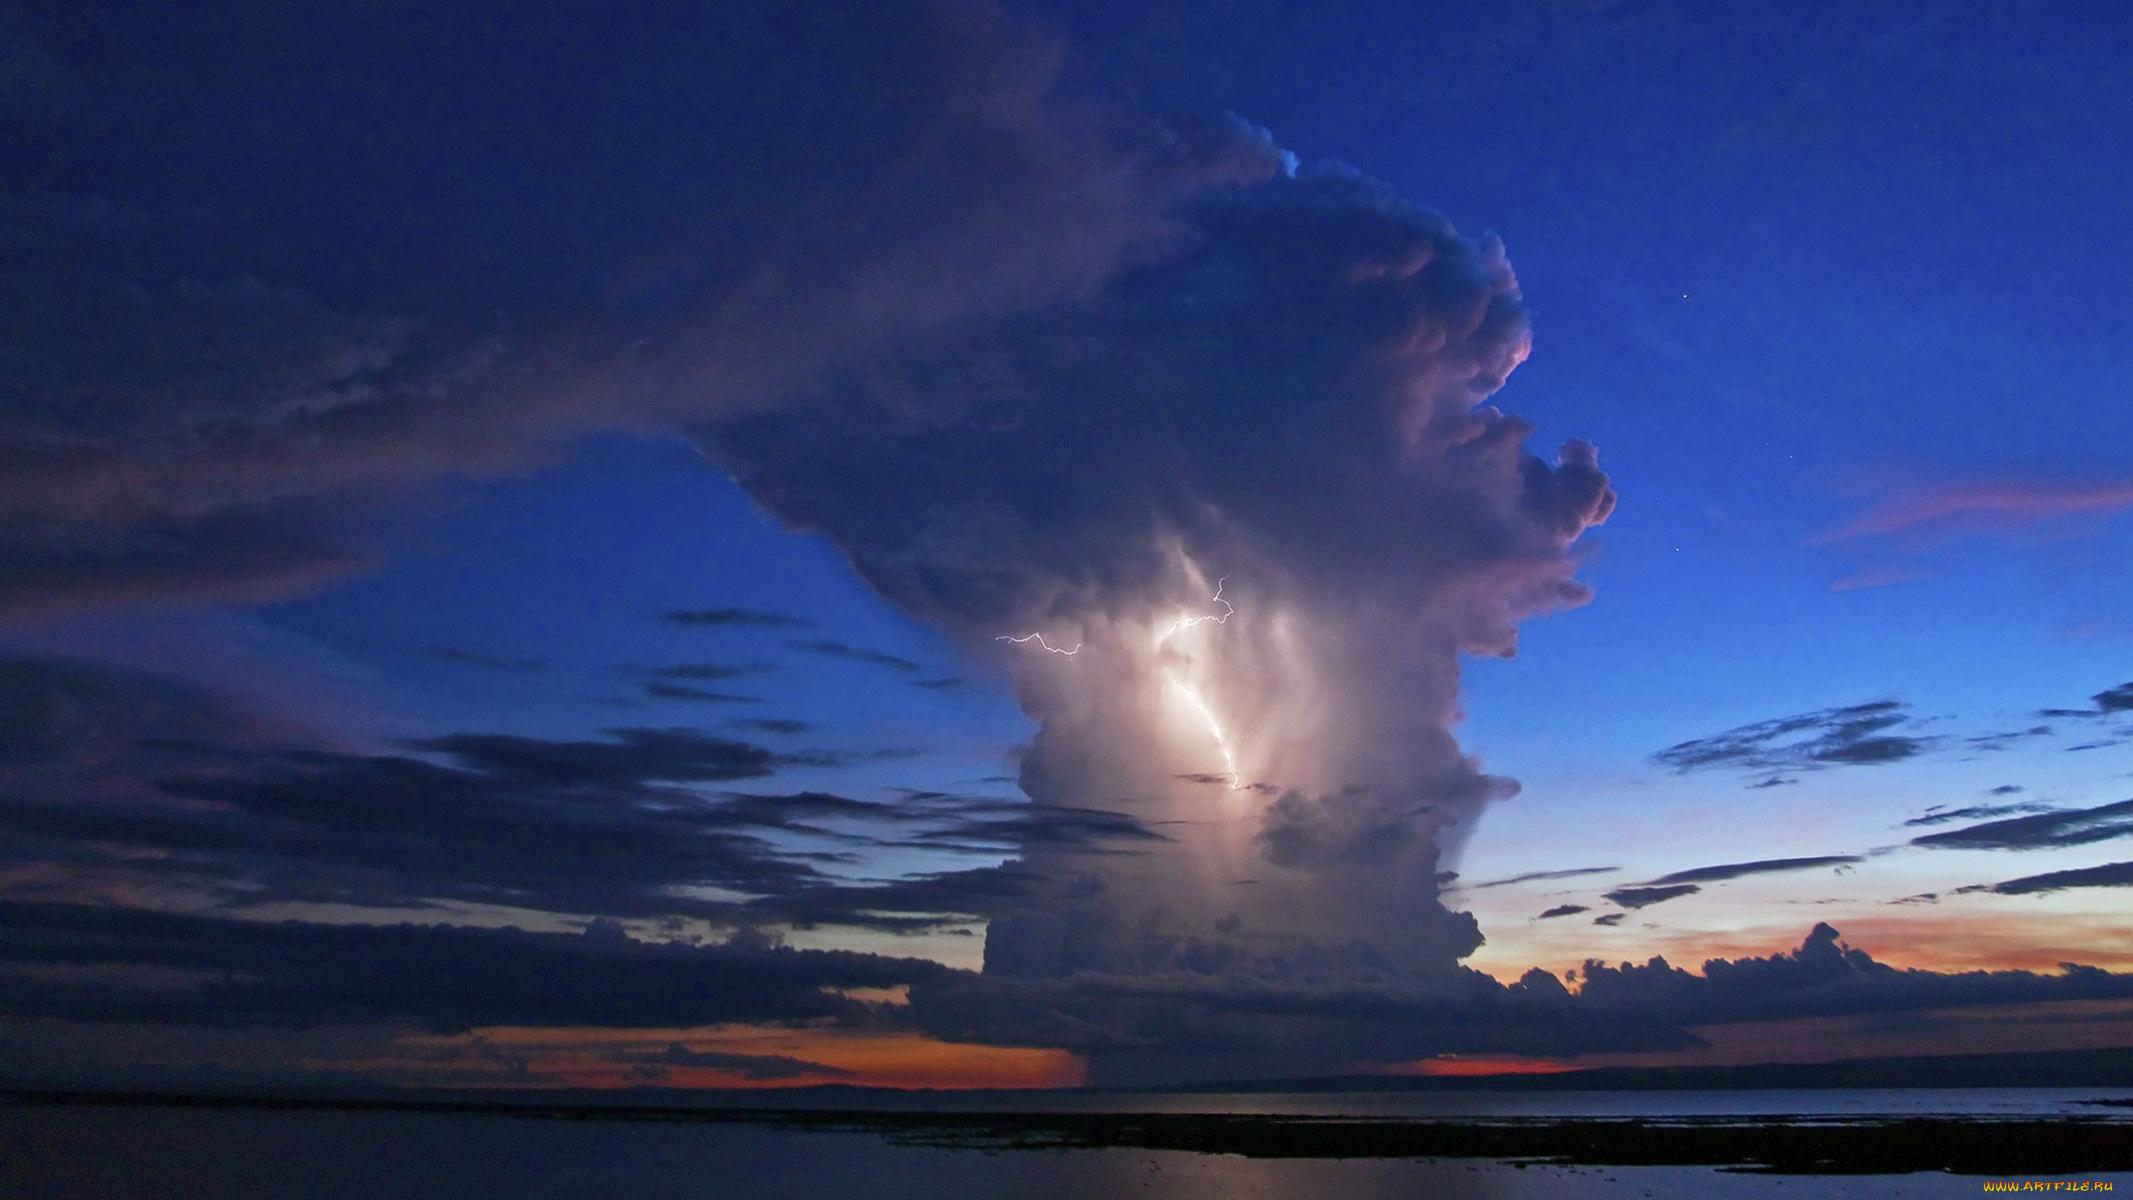 природа буря шторм скачать